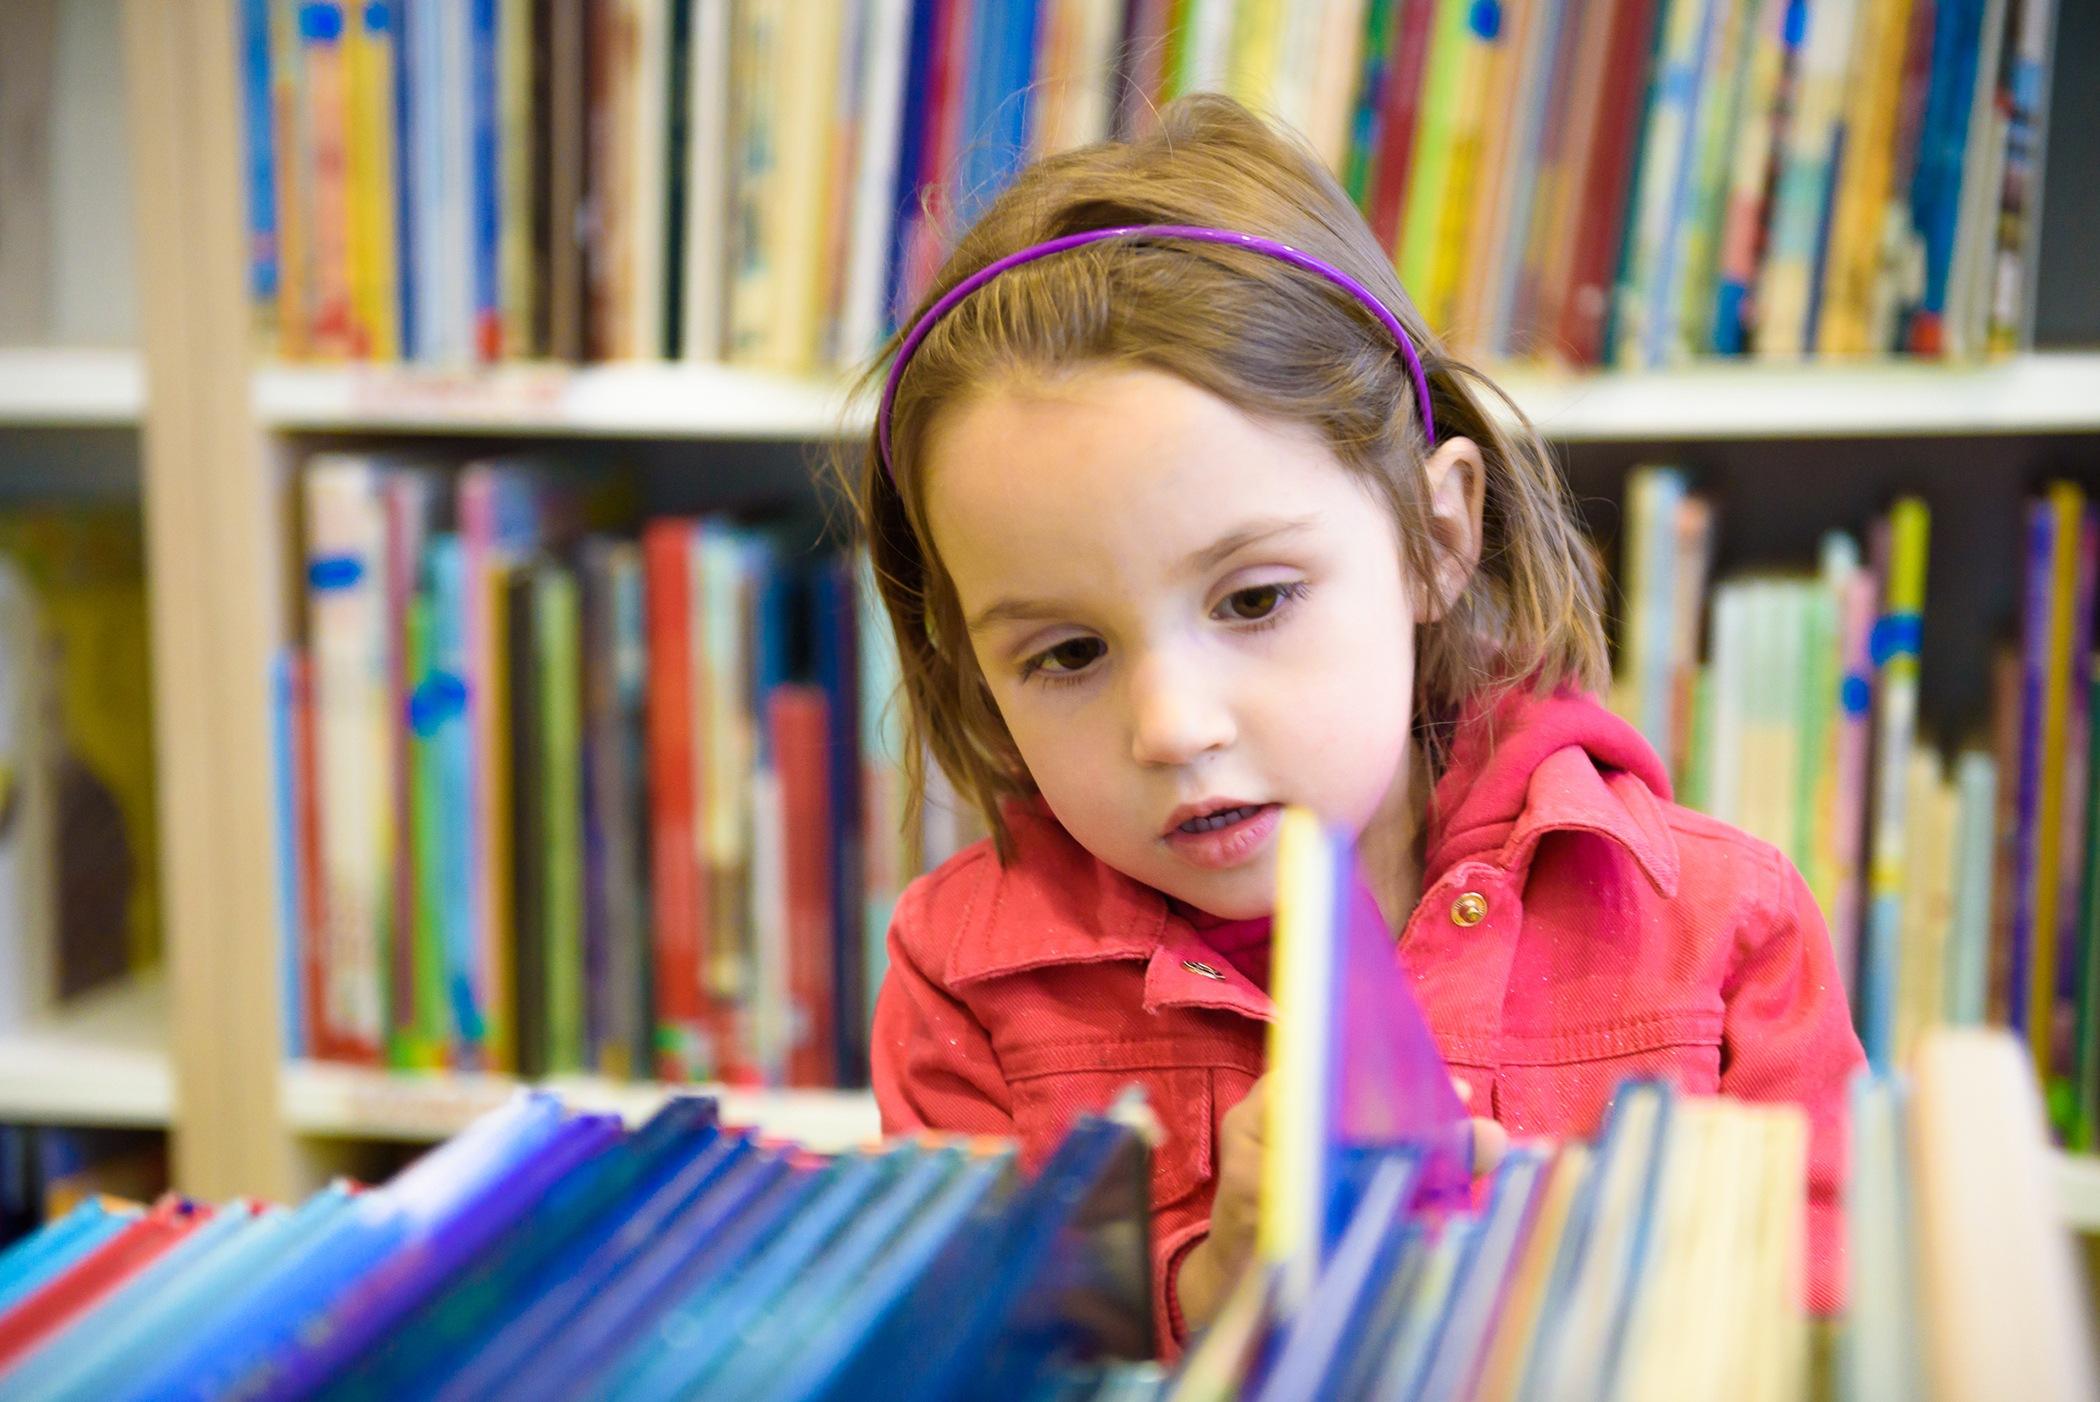 Đừng bắt ép nếu trẻ cảm thấy không thoải mái trong quá trình học tiếng Anh